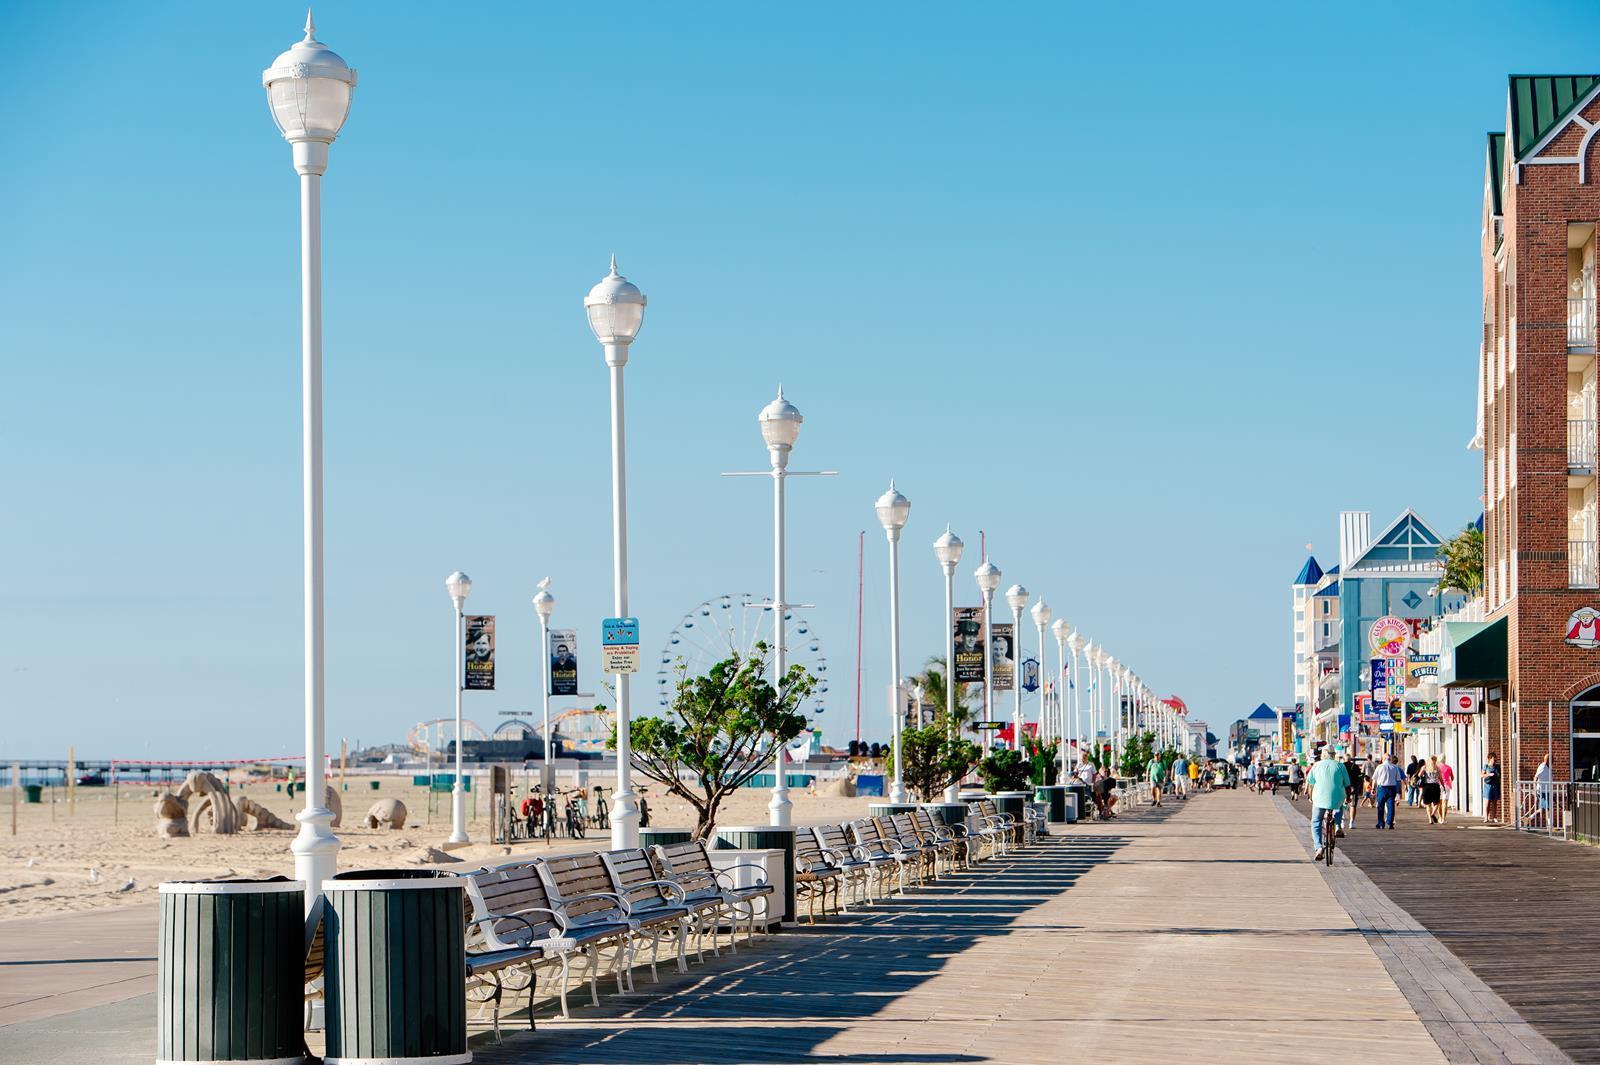 Festivals and An Award-Winning Beach Make Ocean City, Maryland, a Popular Reunion Town